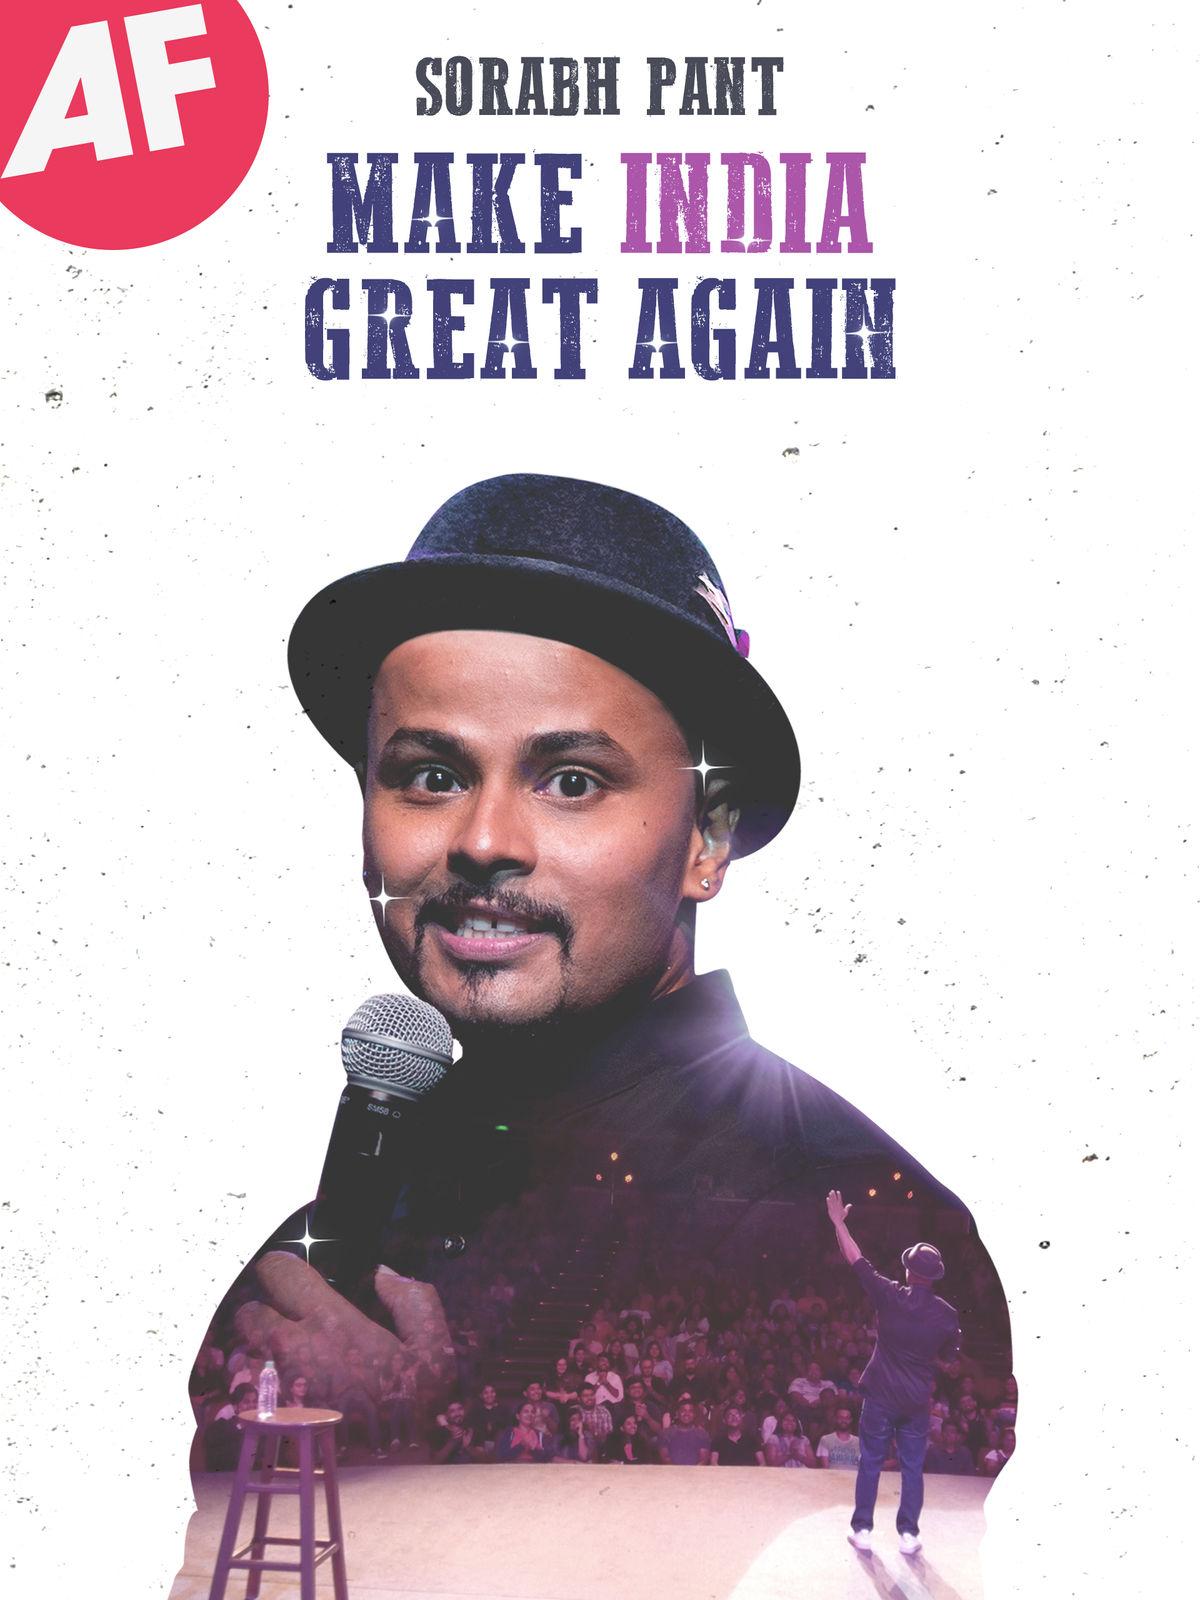 Sorabh Pant: Make India Great Again